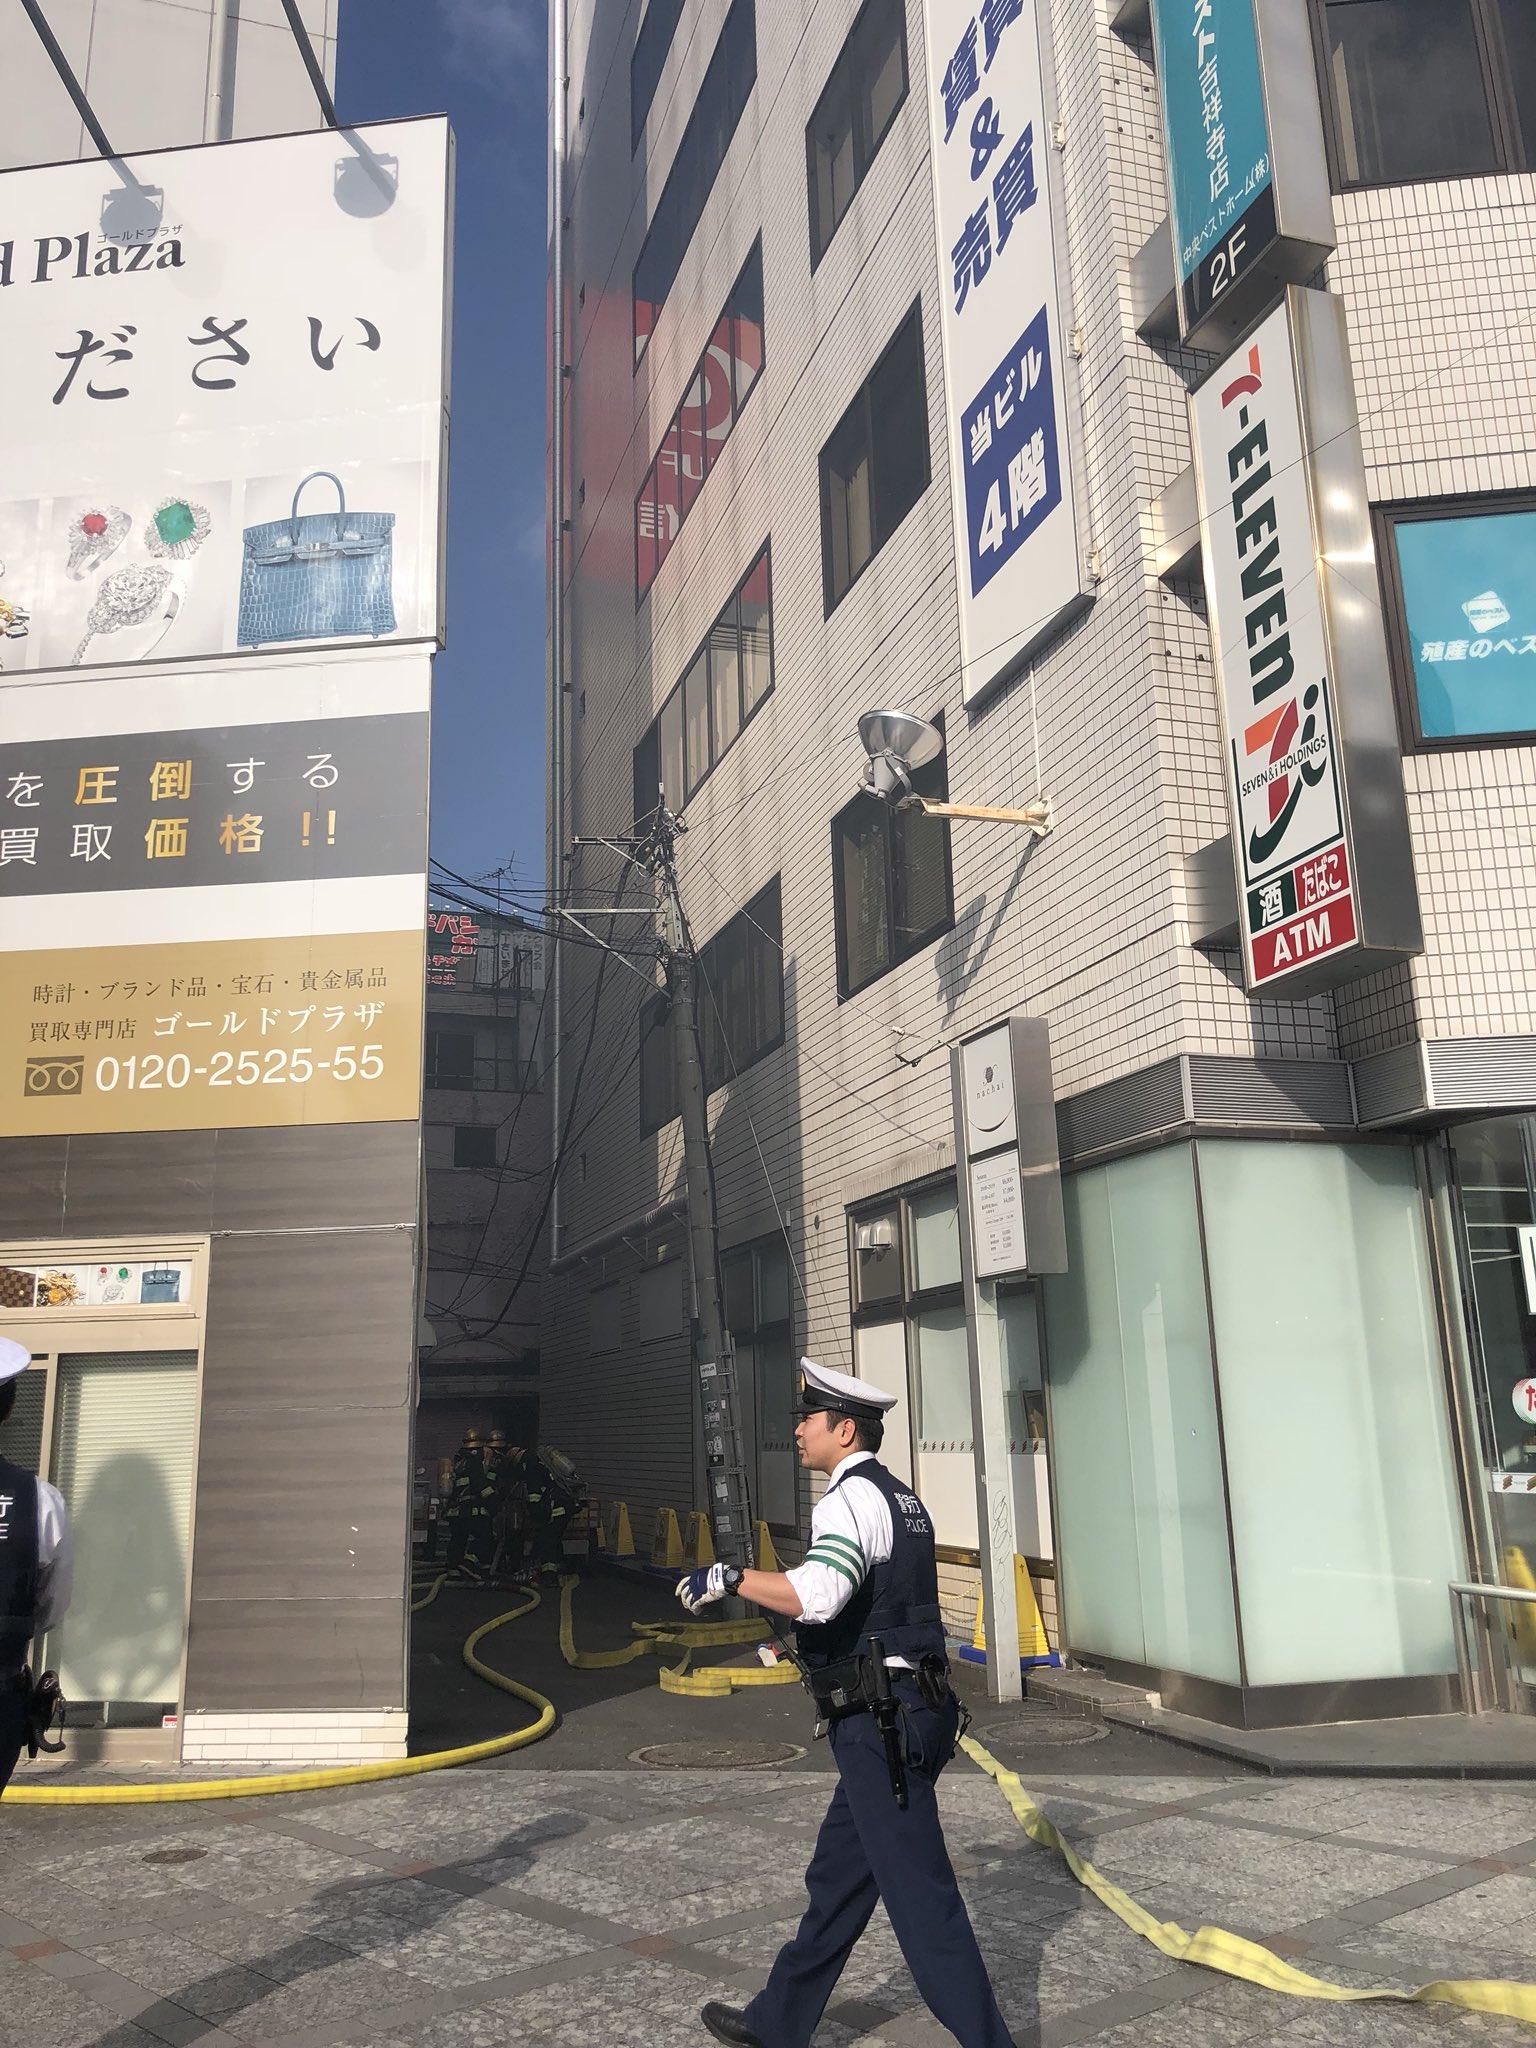 吉祥寺の火事で消火活動している現場画像